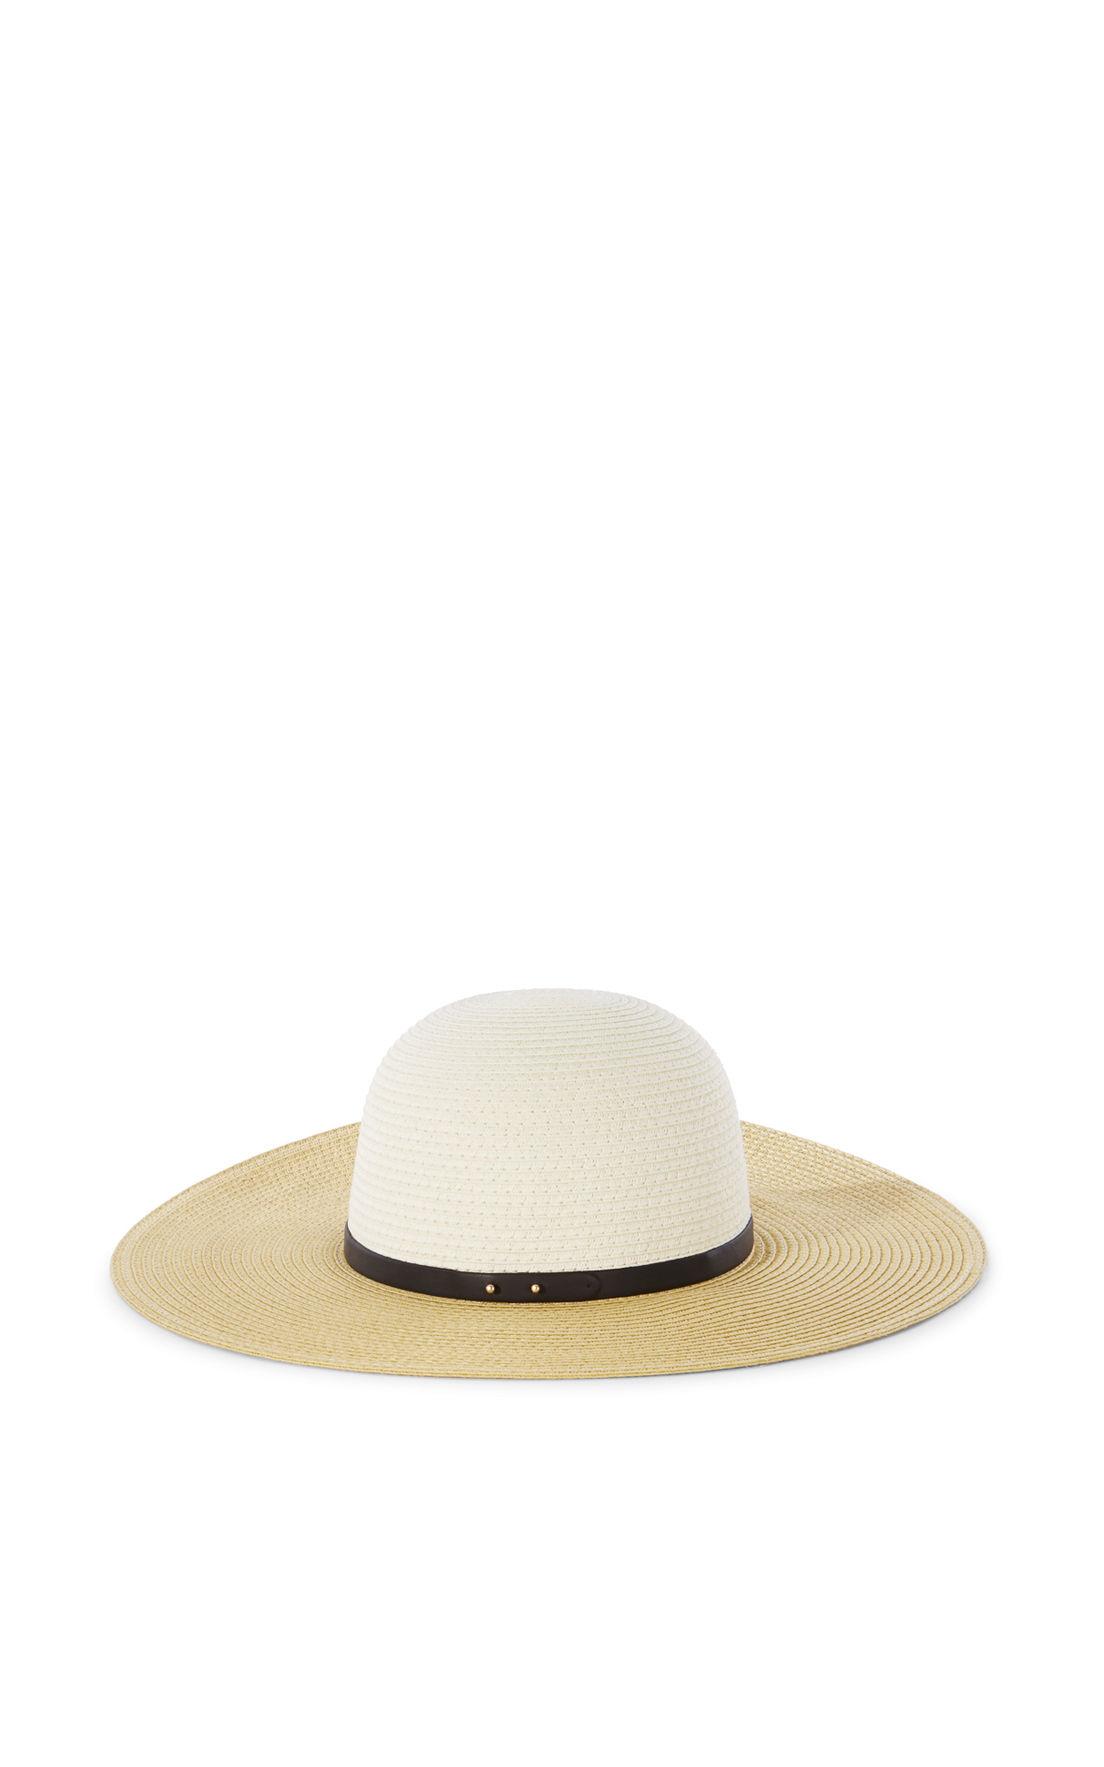 FLOPPY HAT | Karen Millen